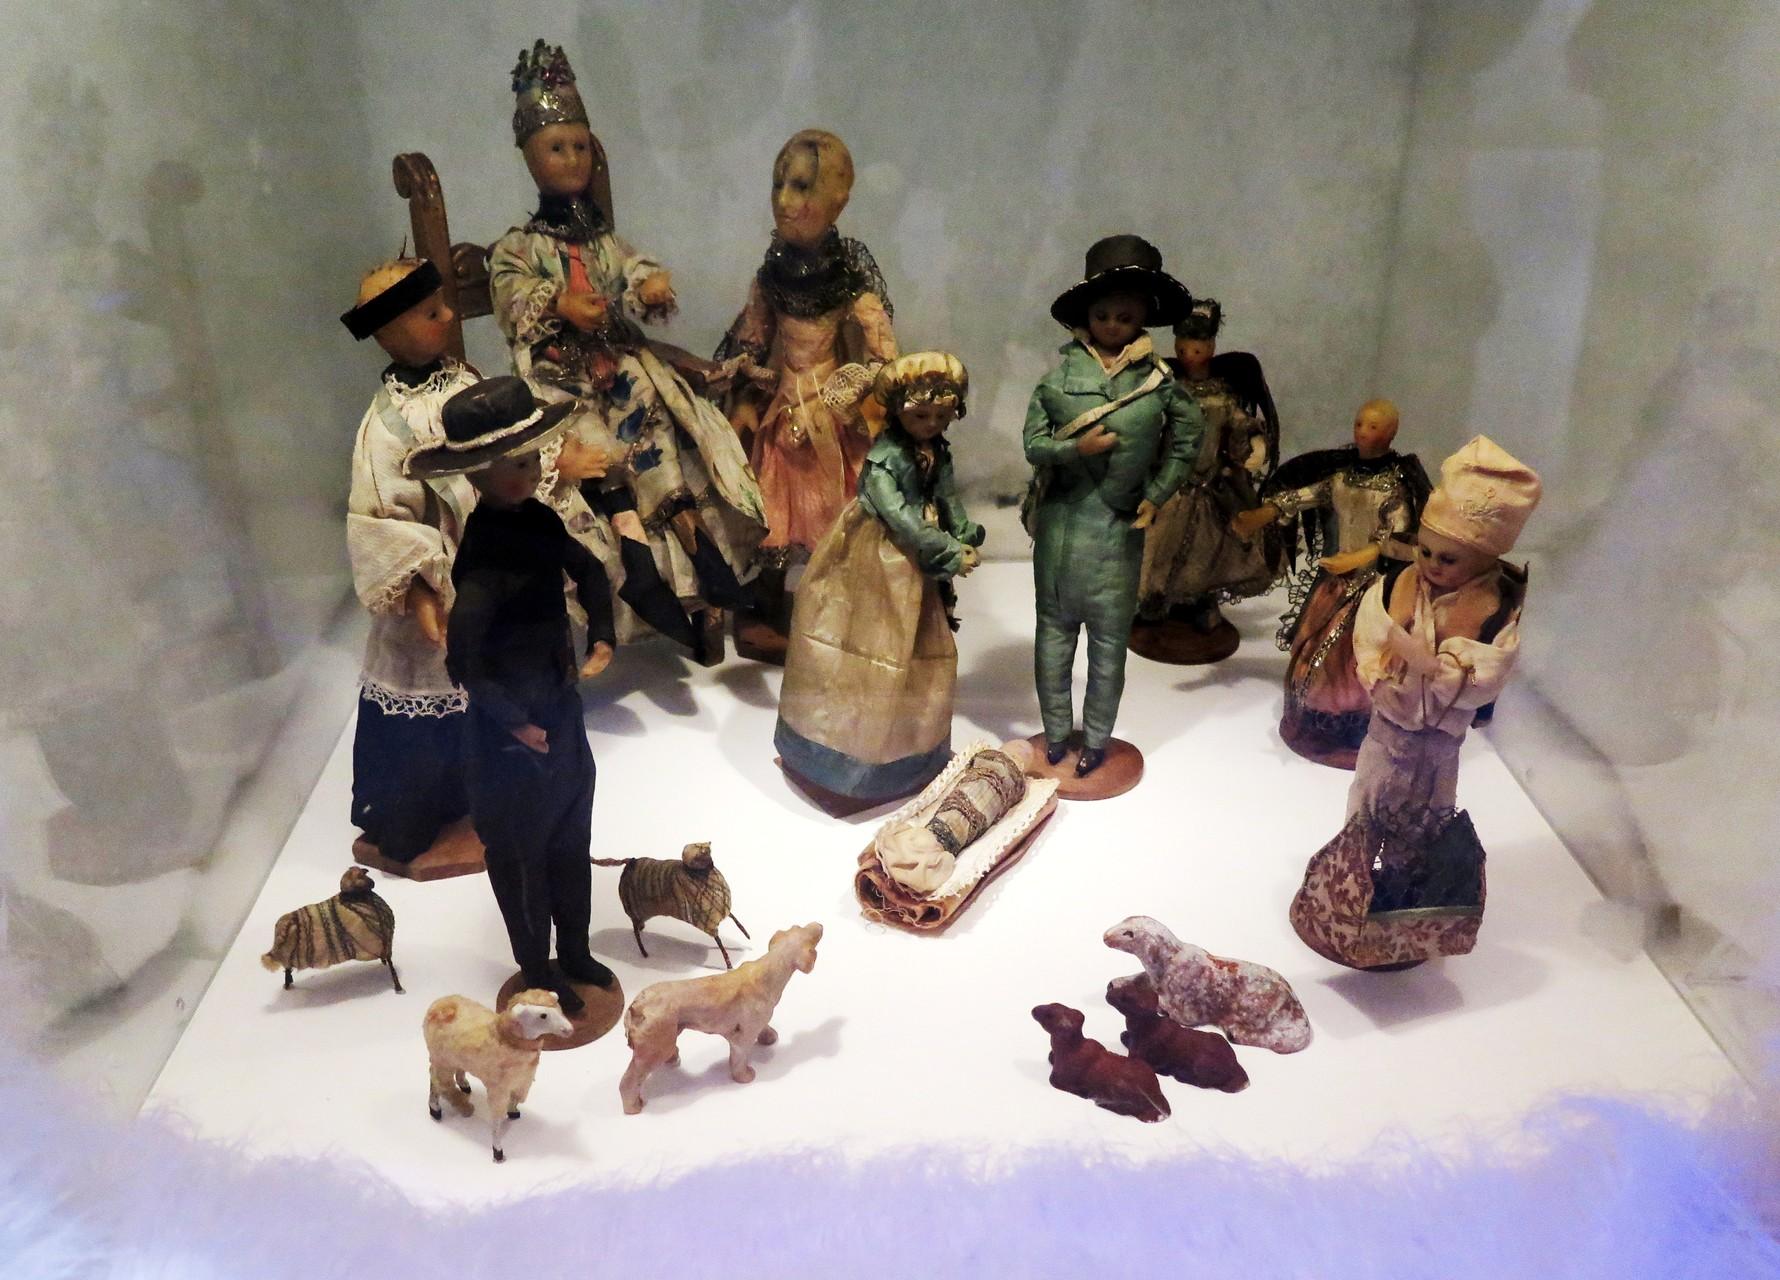 Krippe aus kostbaren Puppen (0m 1800)